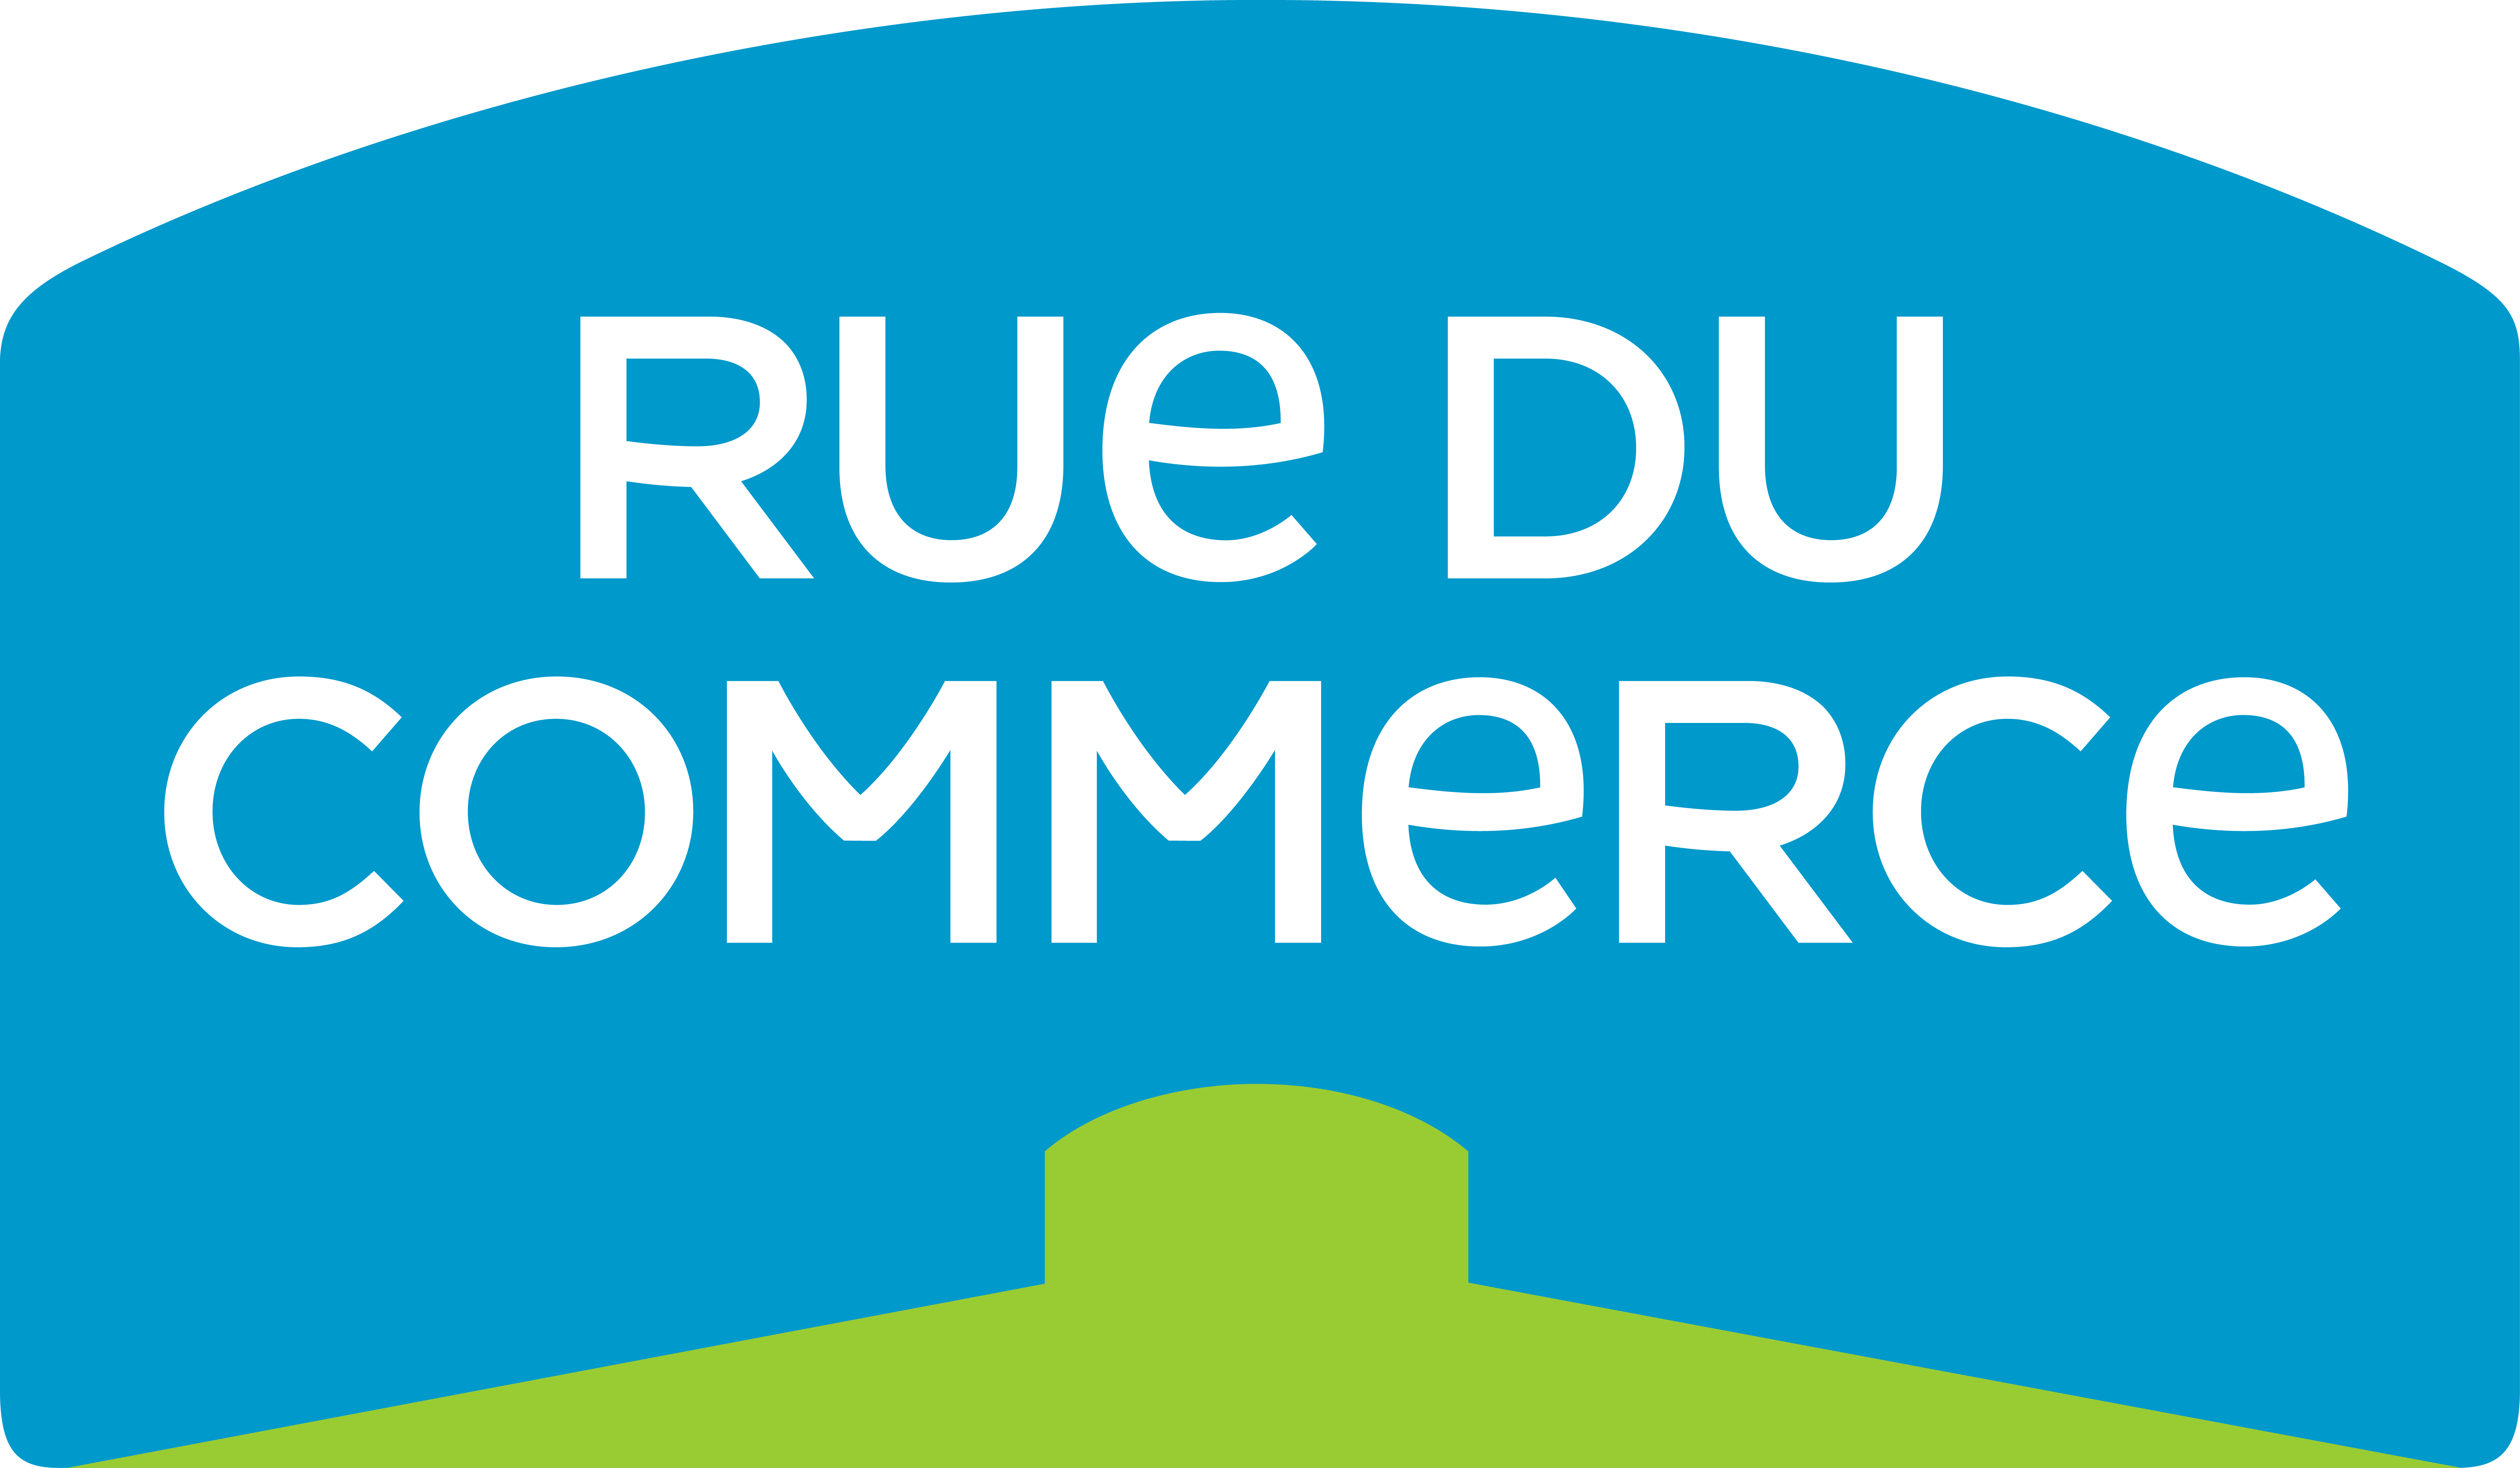 http://www.rueducommerce.fr